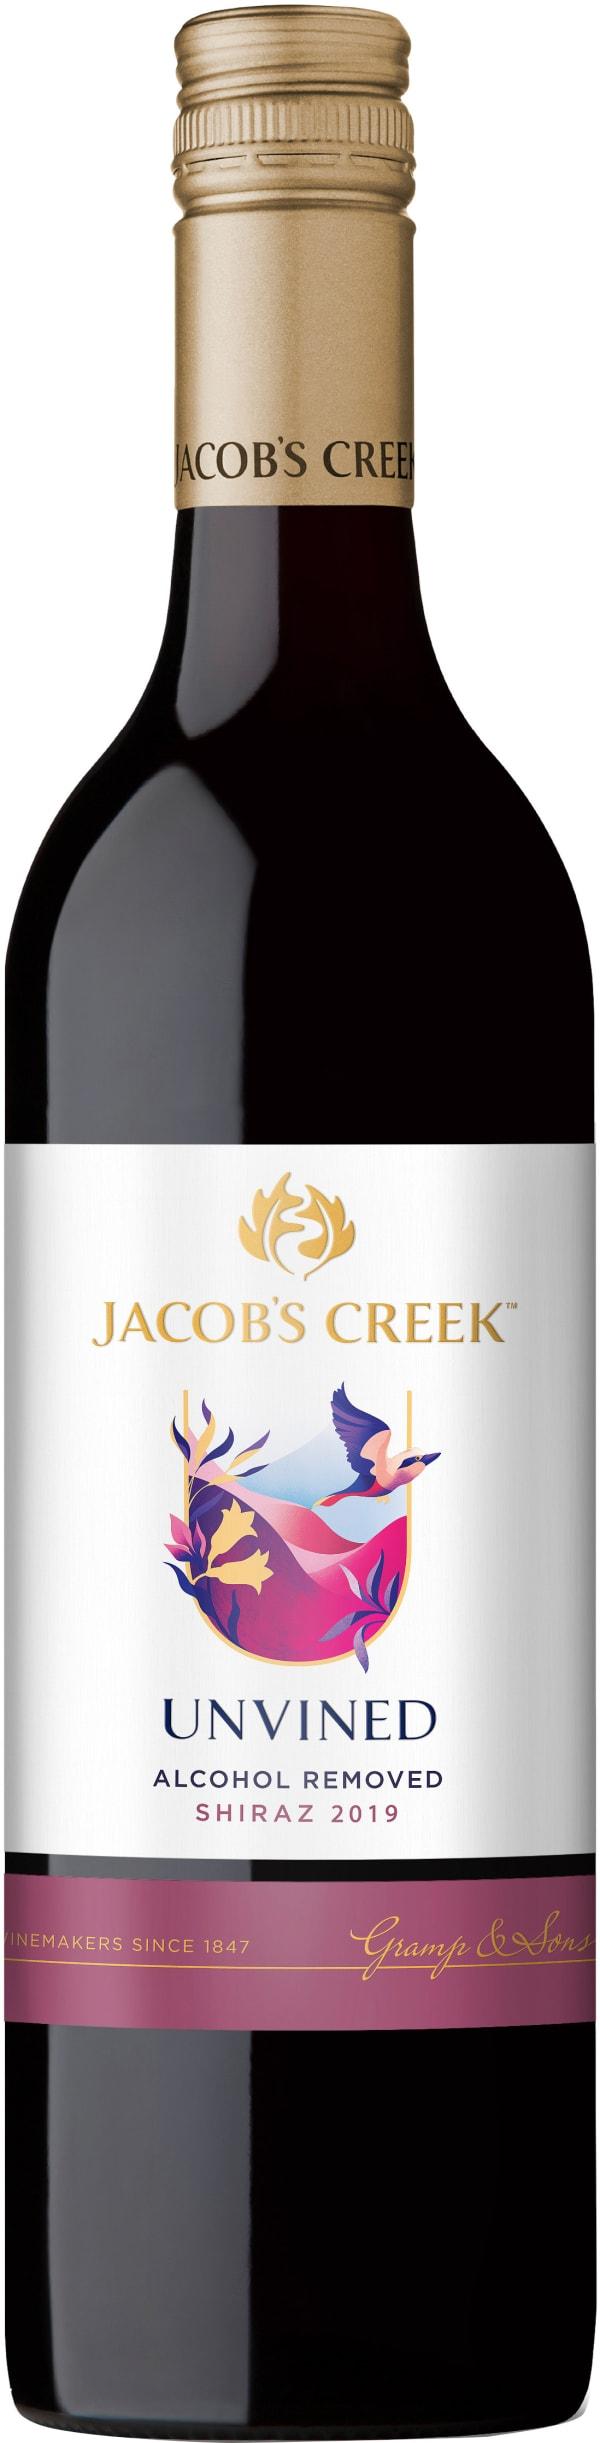 Jacob's Creek UnVined Shiraz 2019